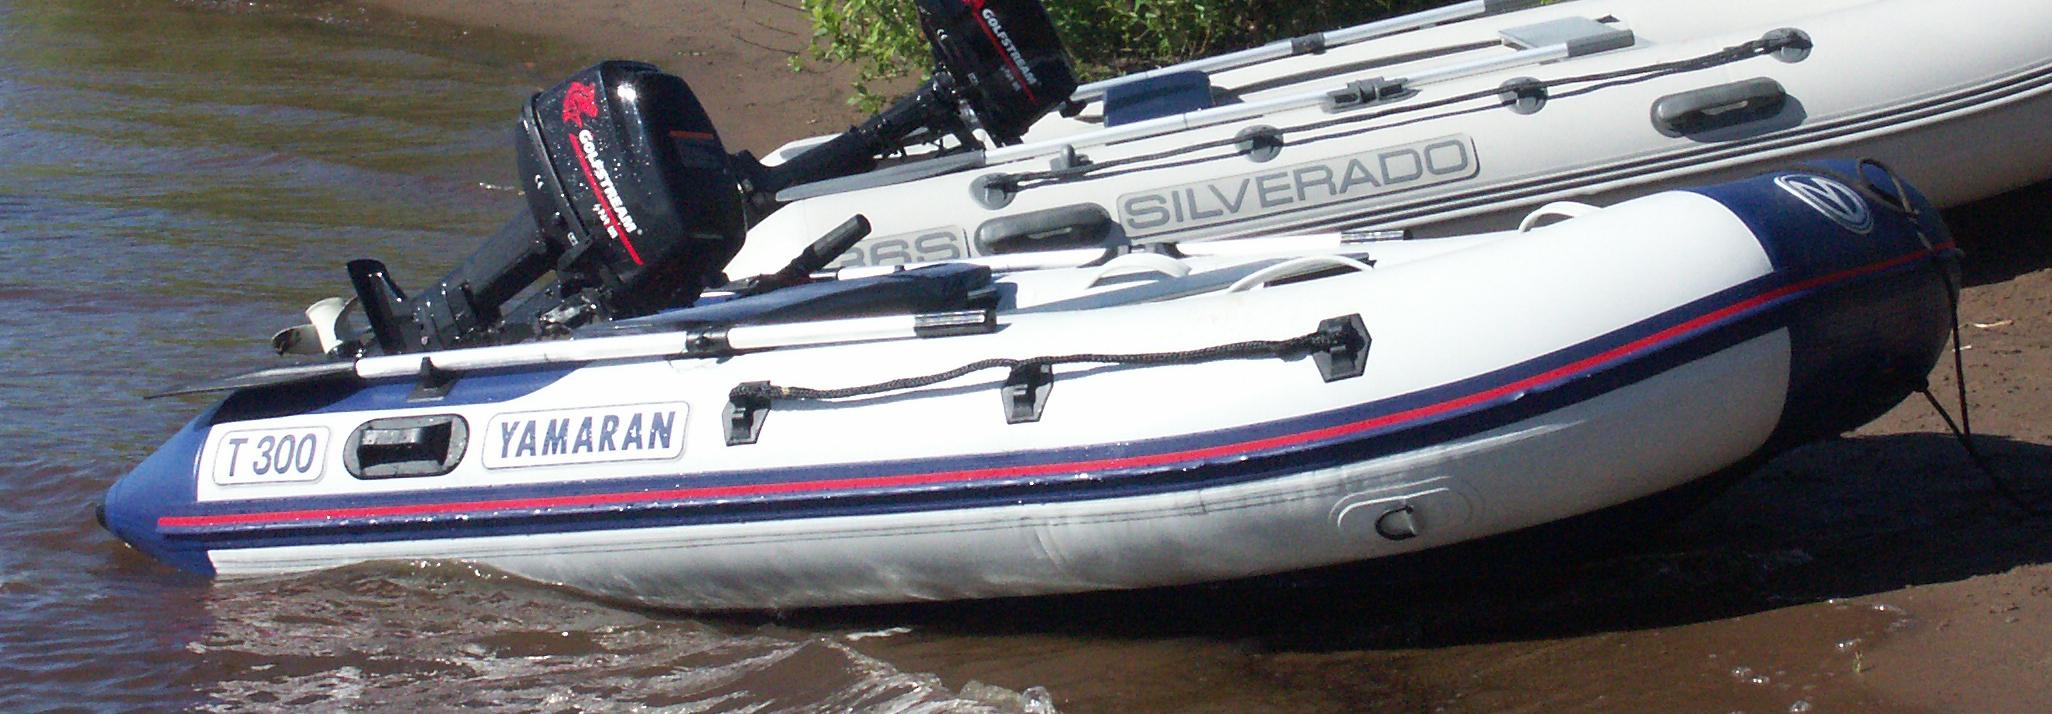 Комплектующие для лодки ямаран